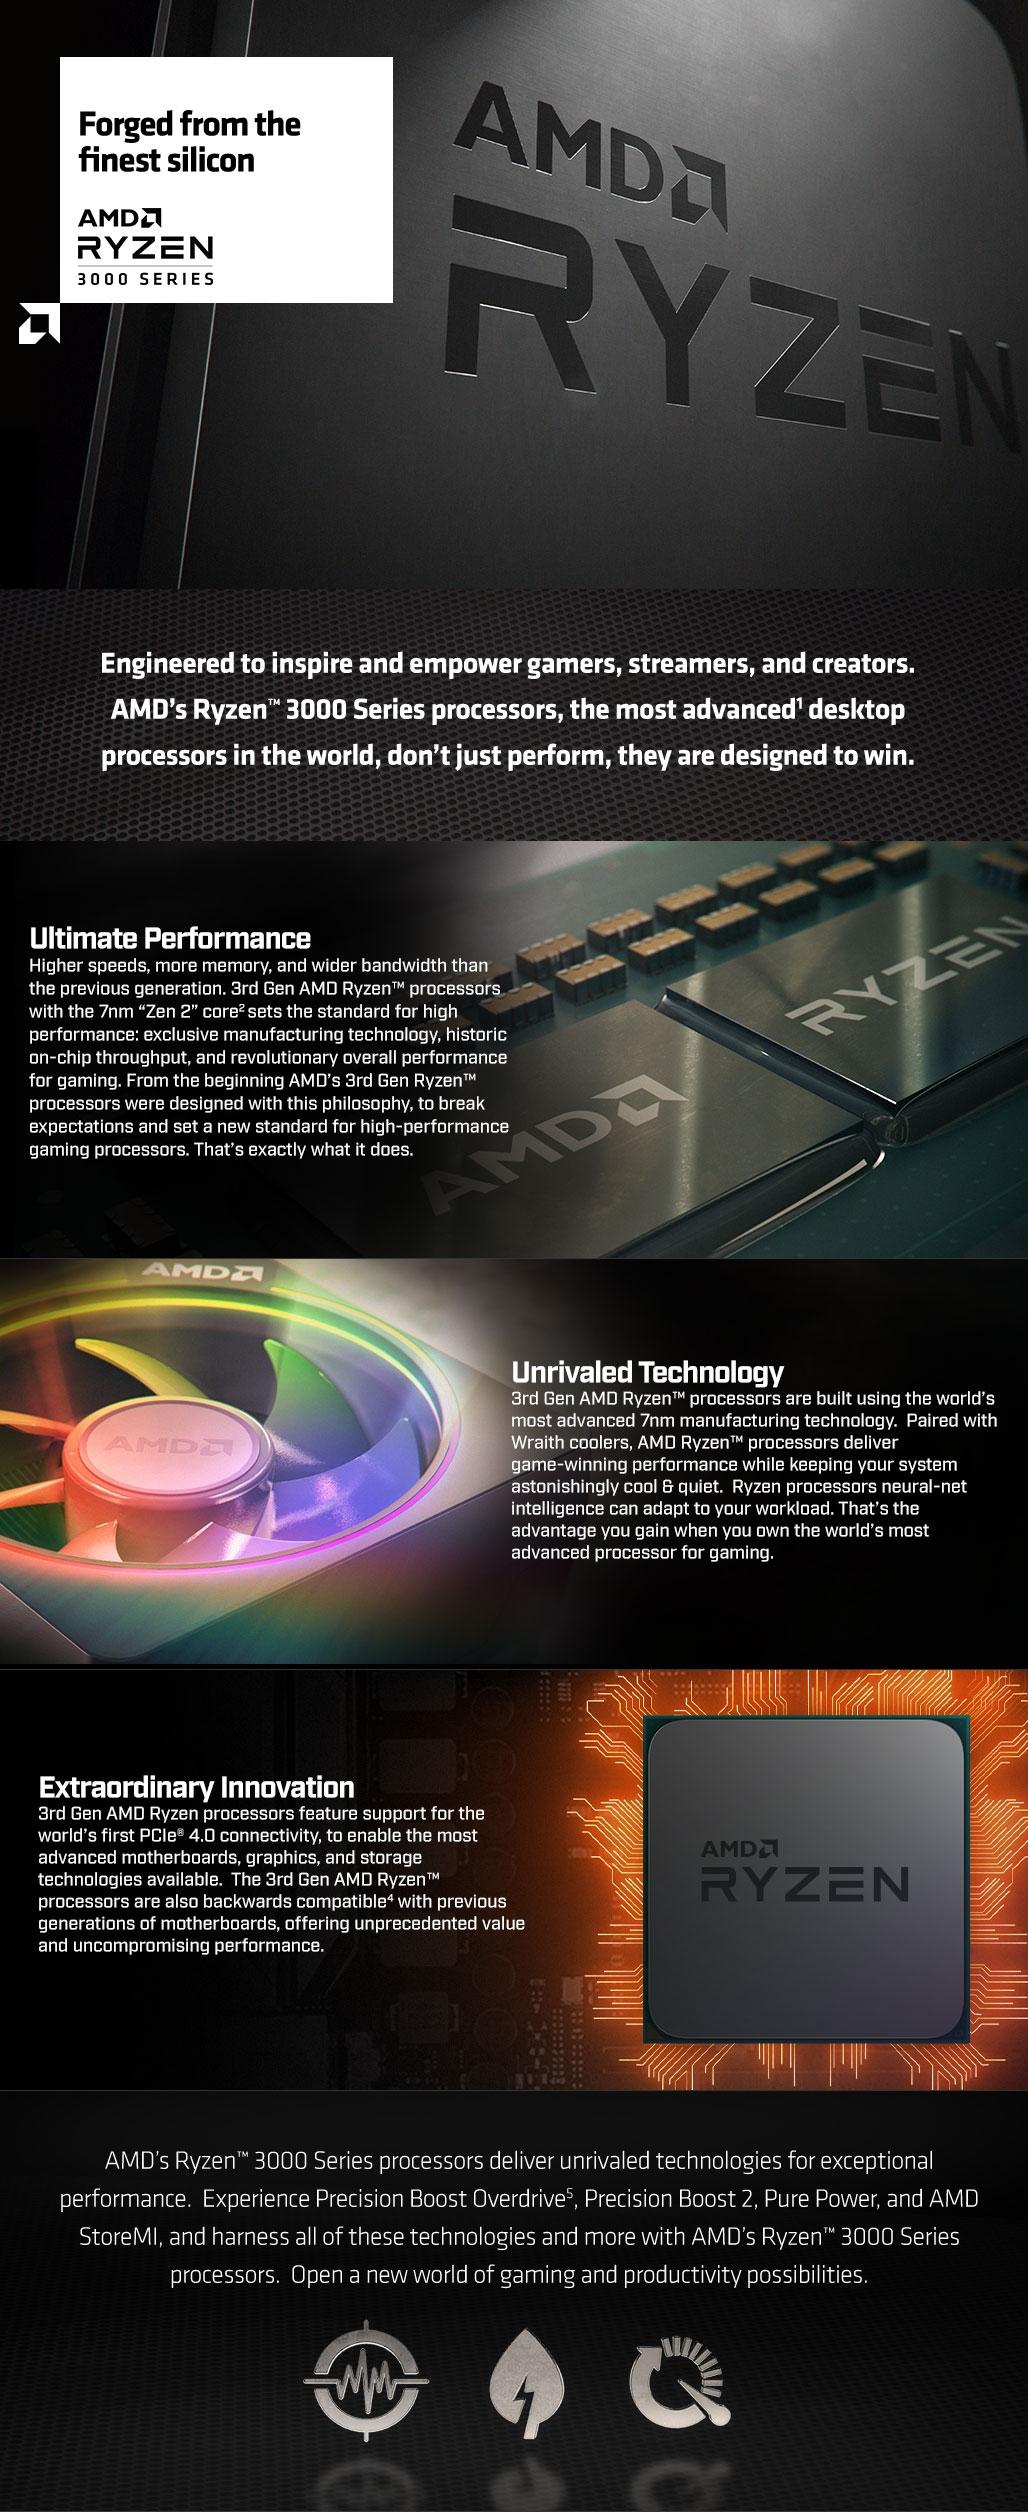 AMD RYZEN APU R3 3200G, 4C 4T, 4MB CACHE, VEGA 8 GPU, 65W TPD